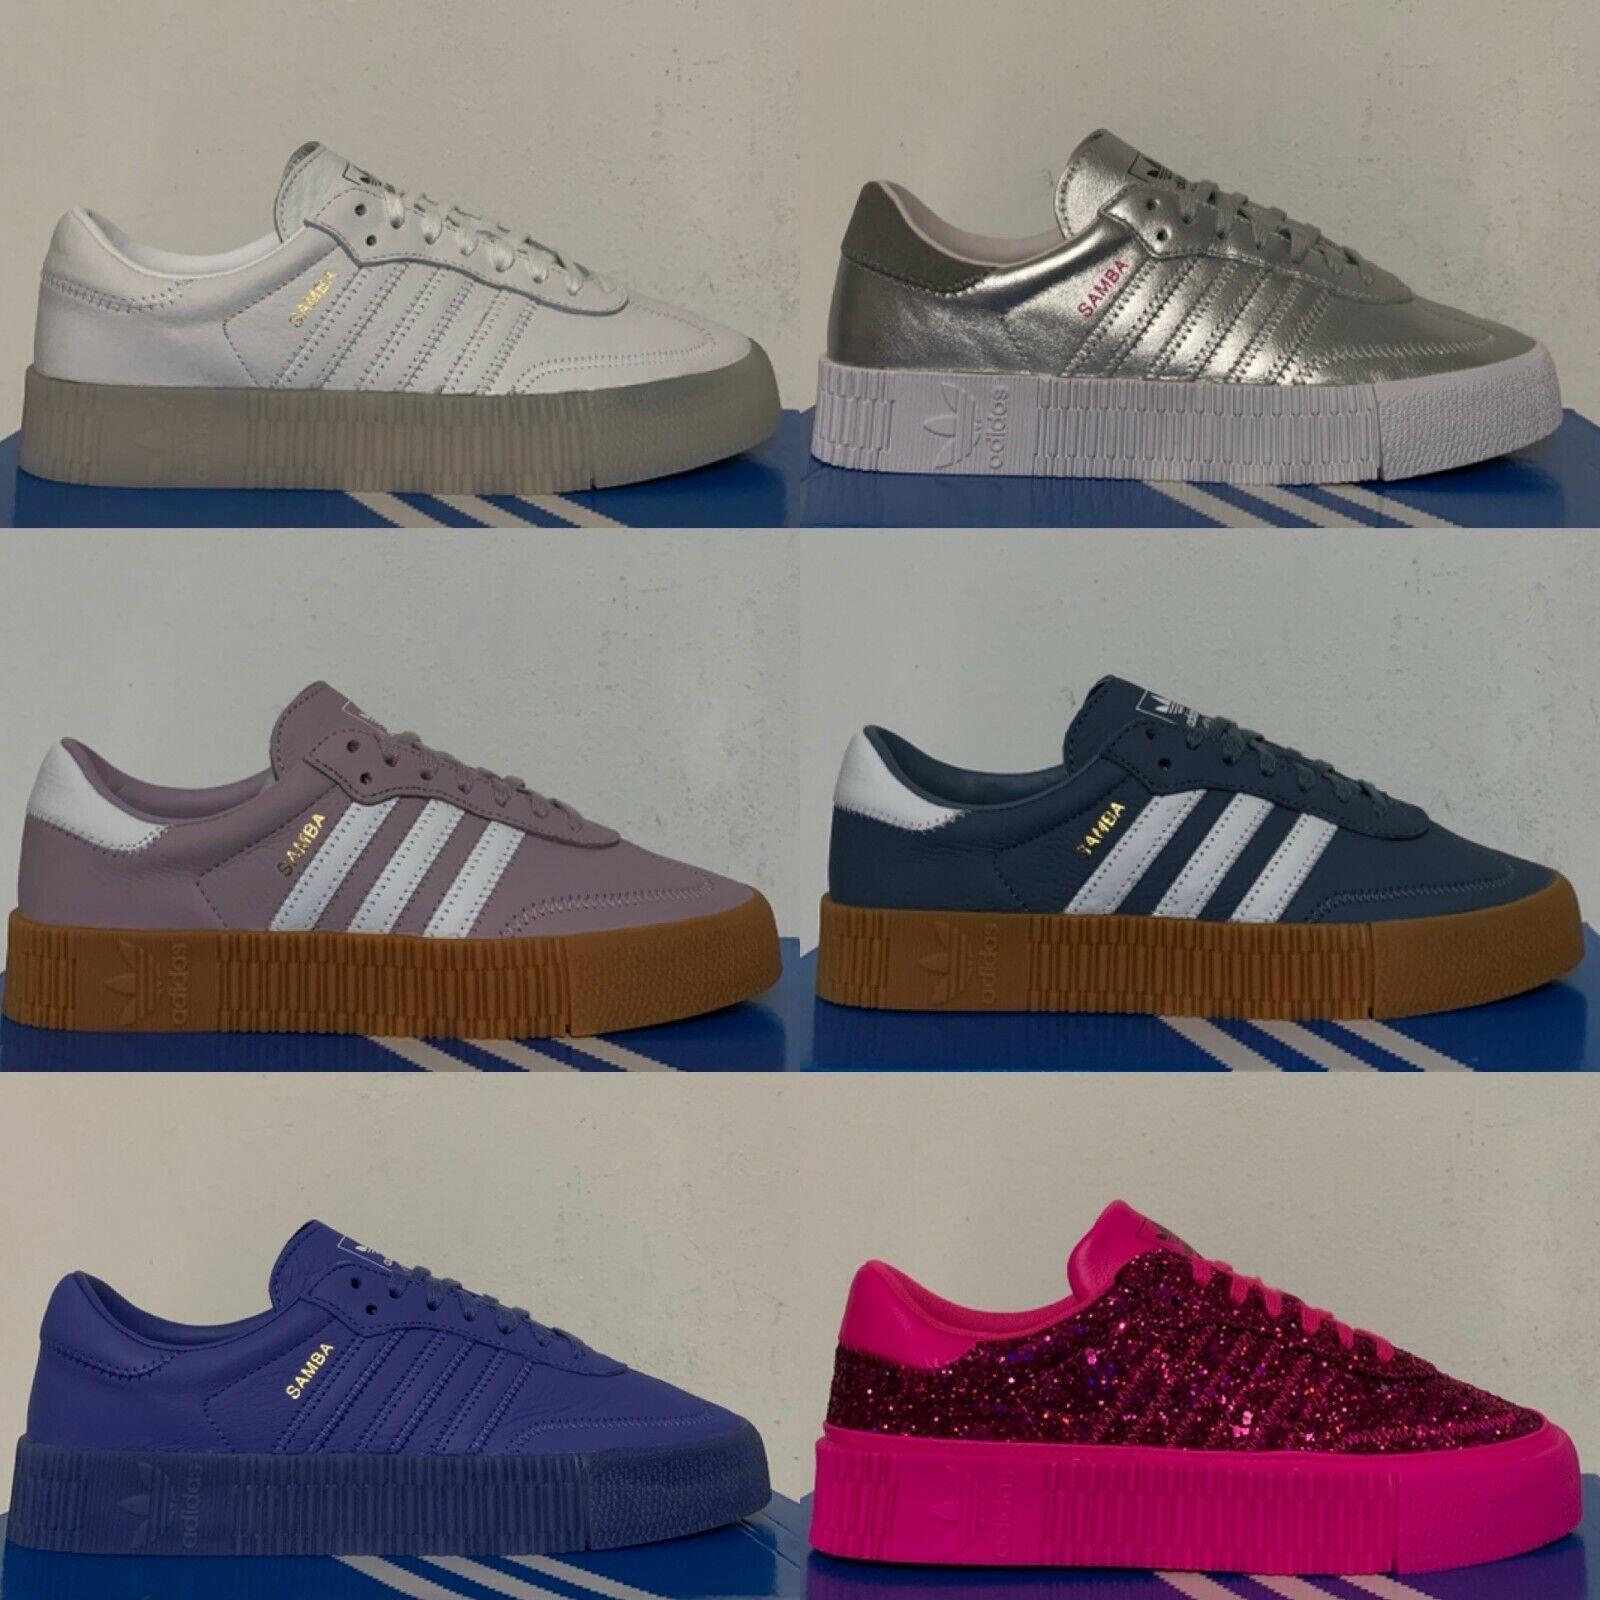 Adidas Originals Sambapink Womens shoes